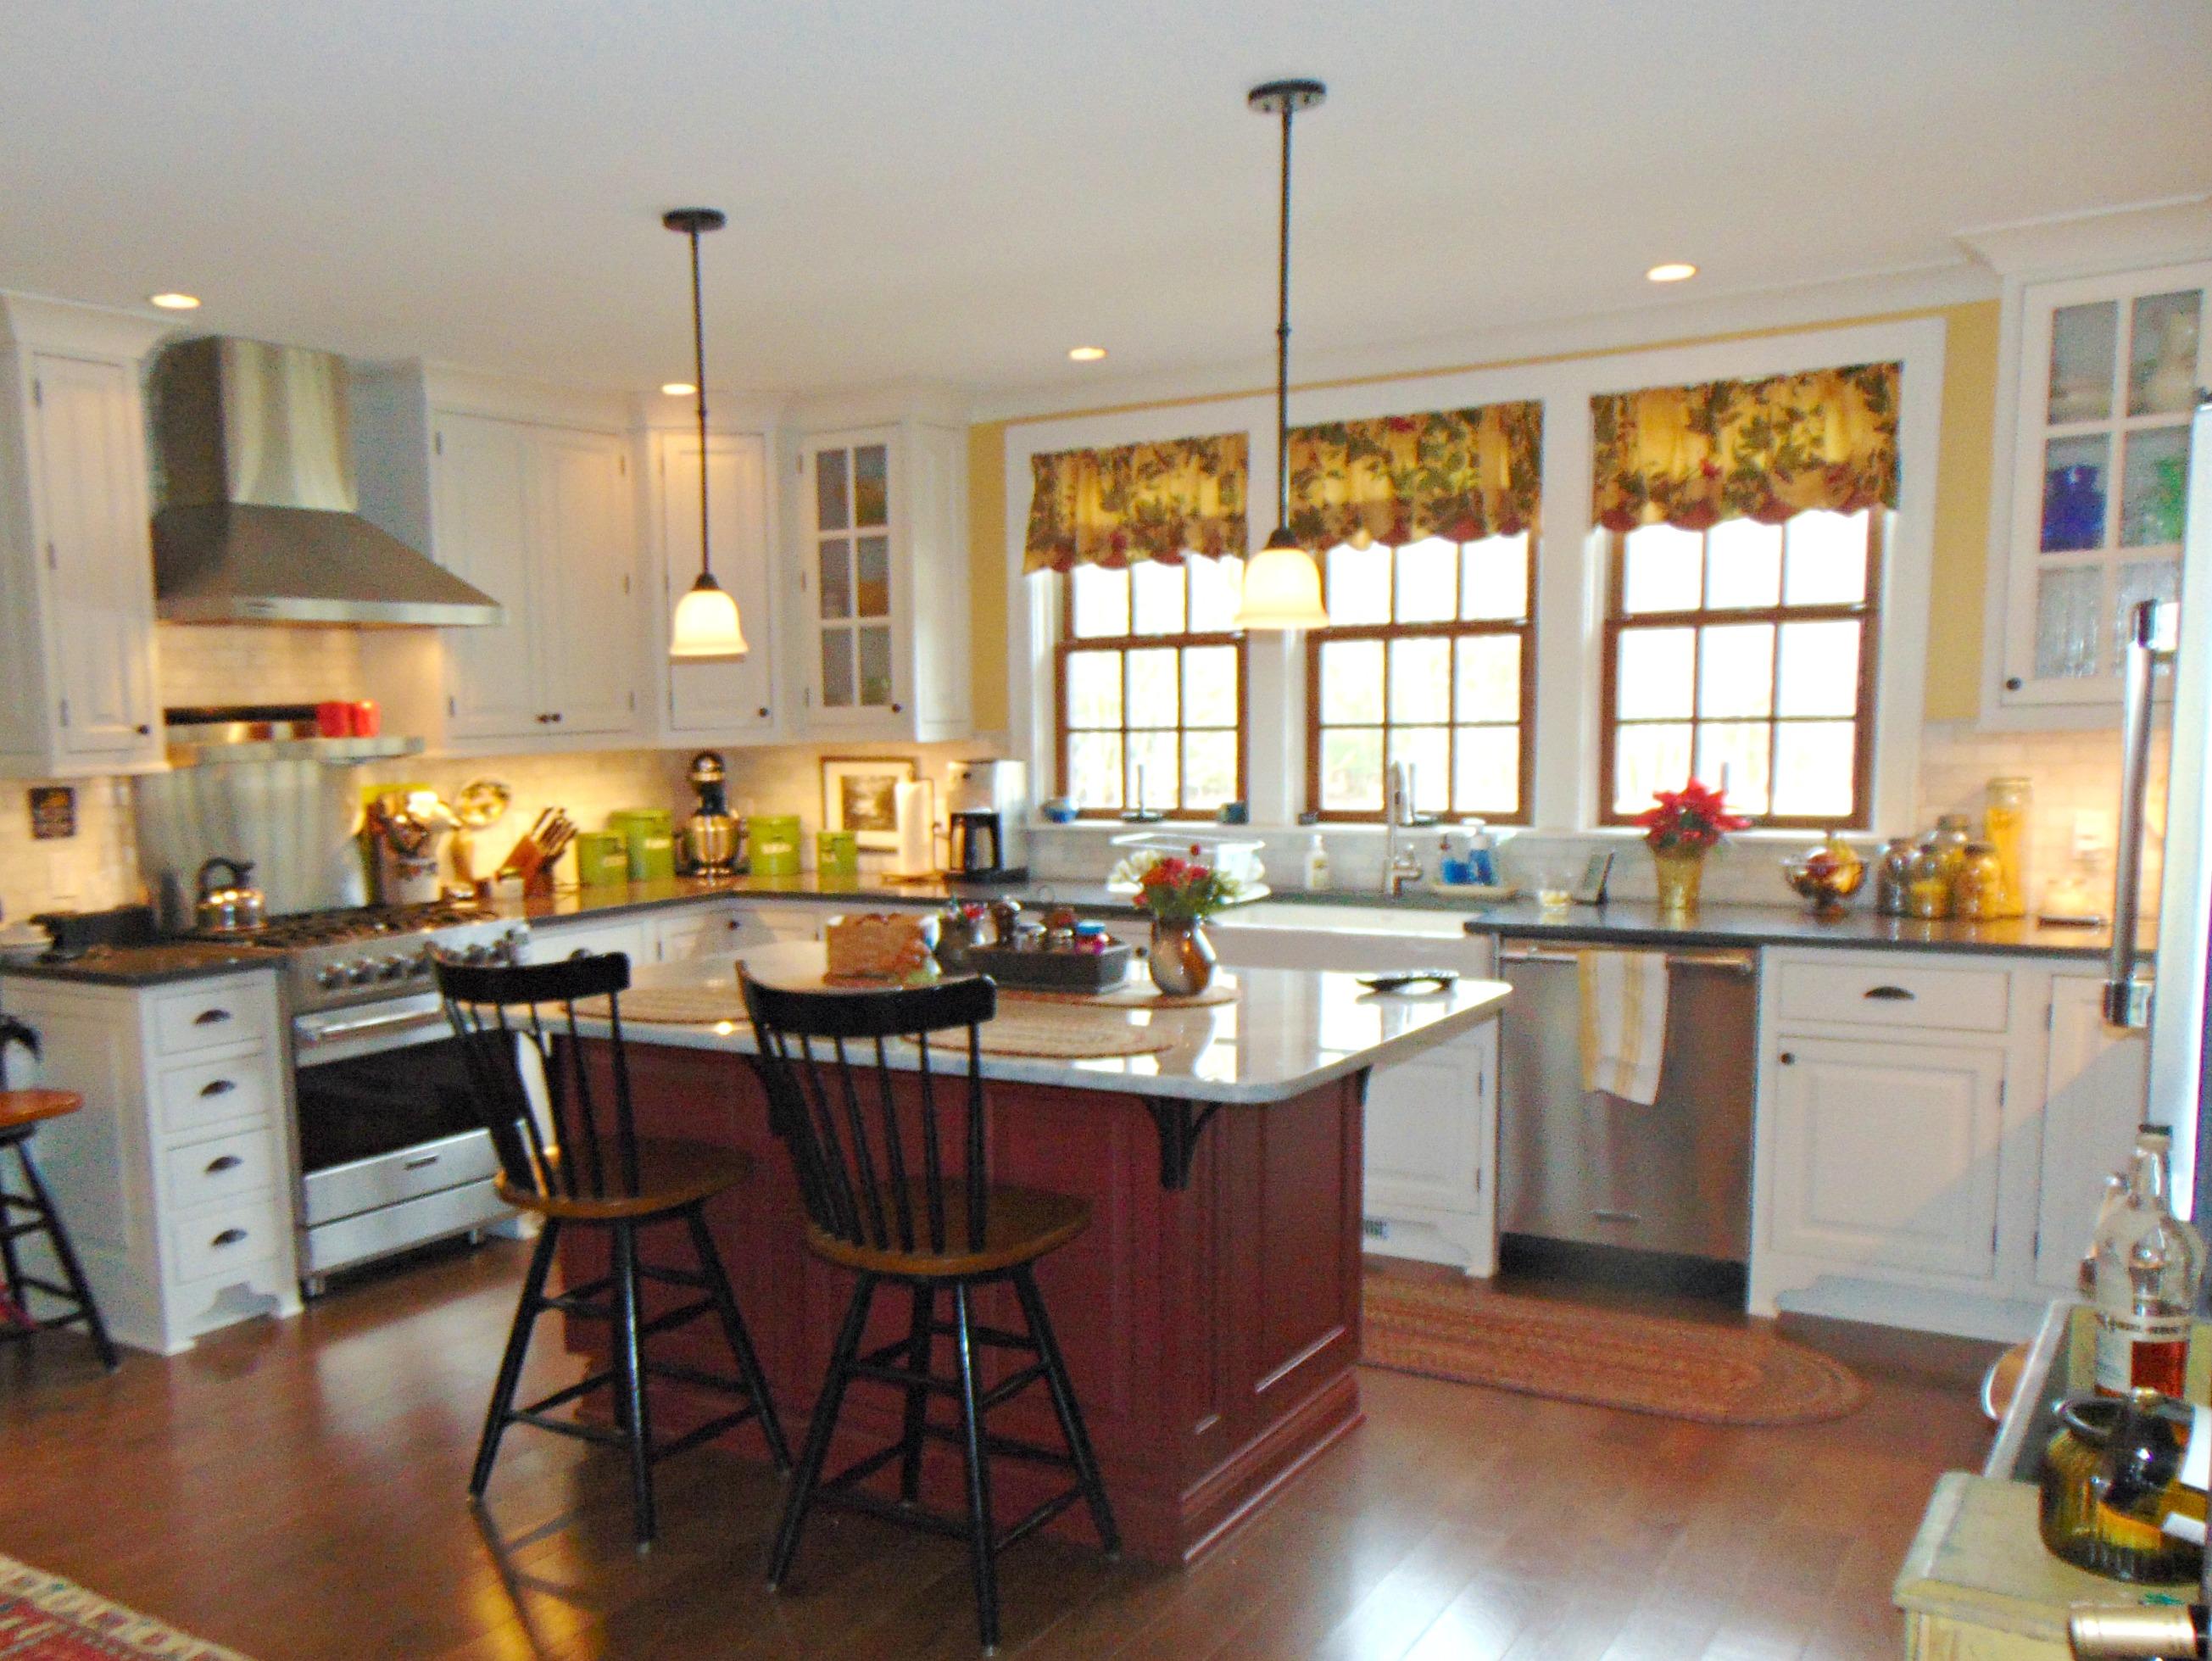 new-kitchen-addition-dave-cutlip-home-jan-17